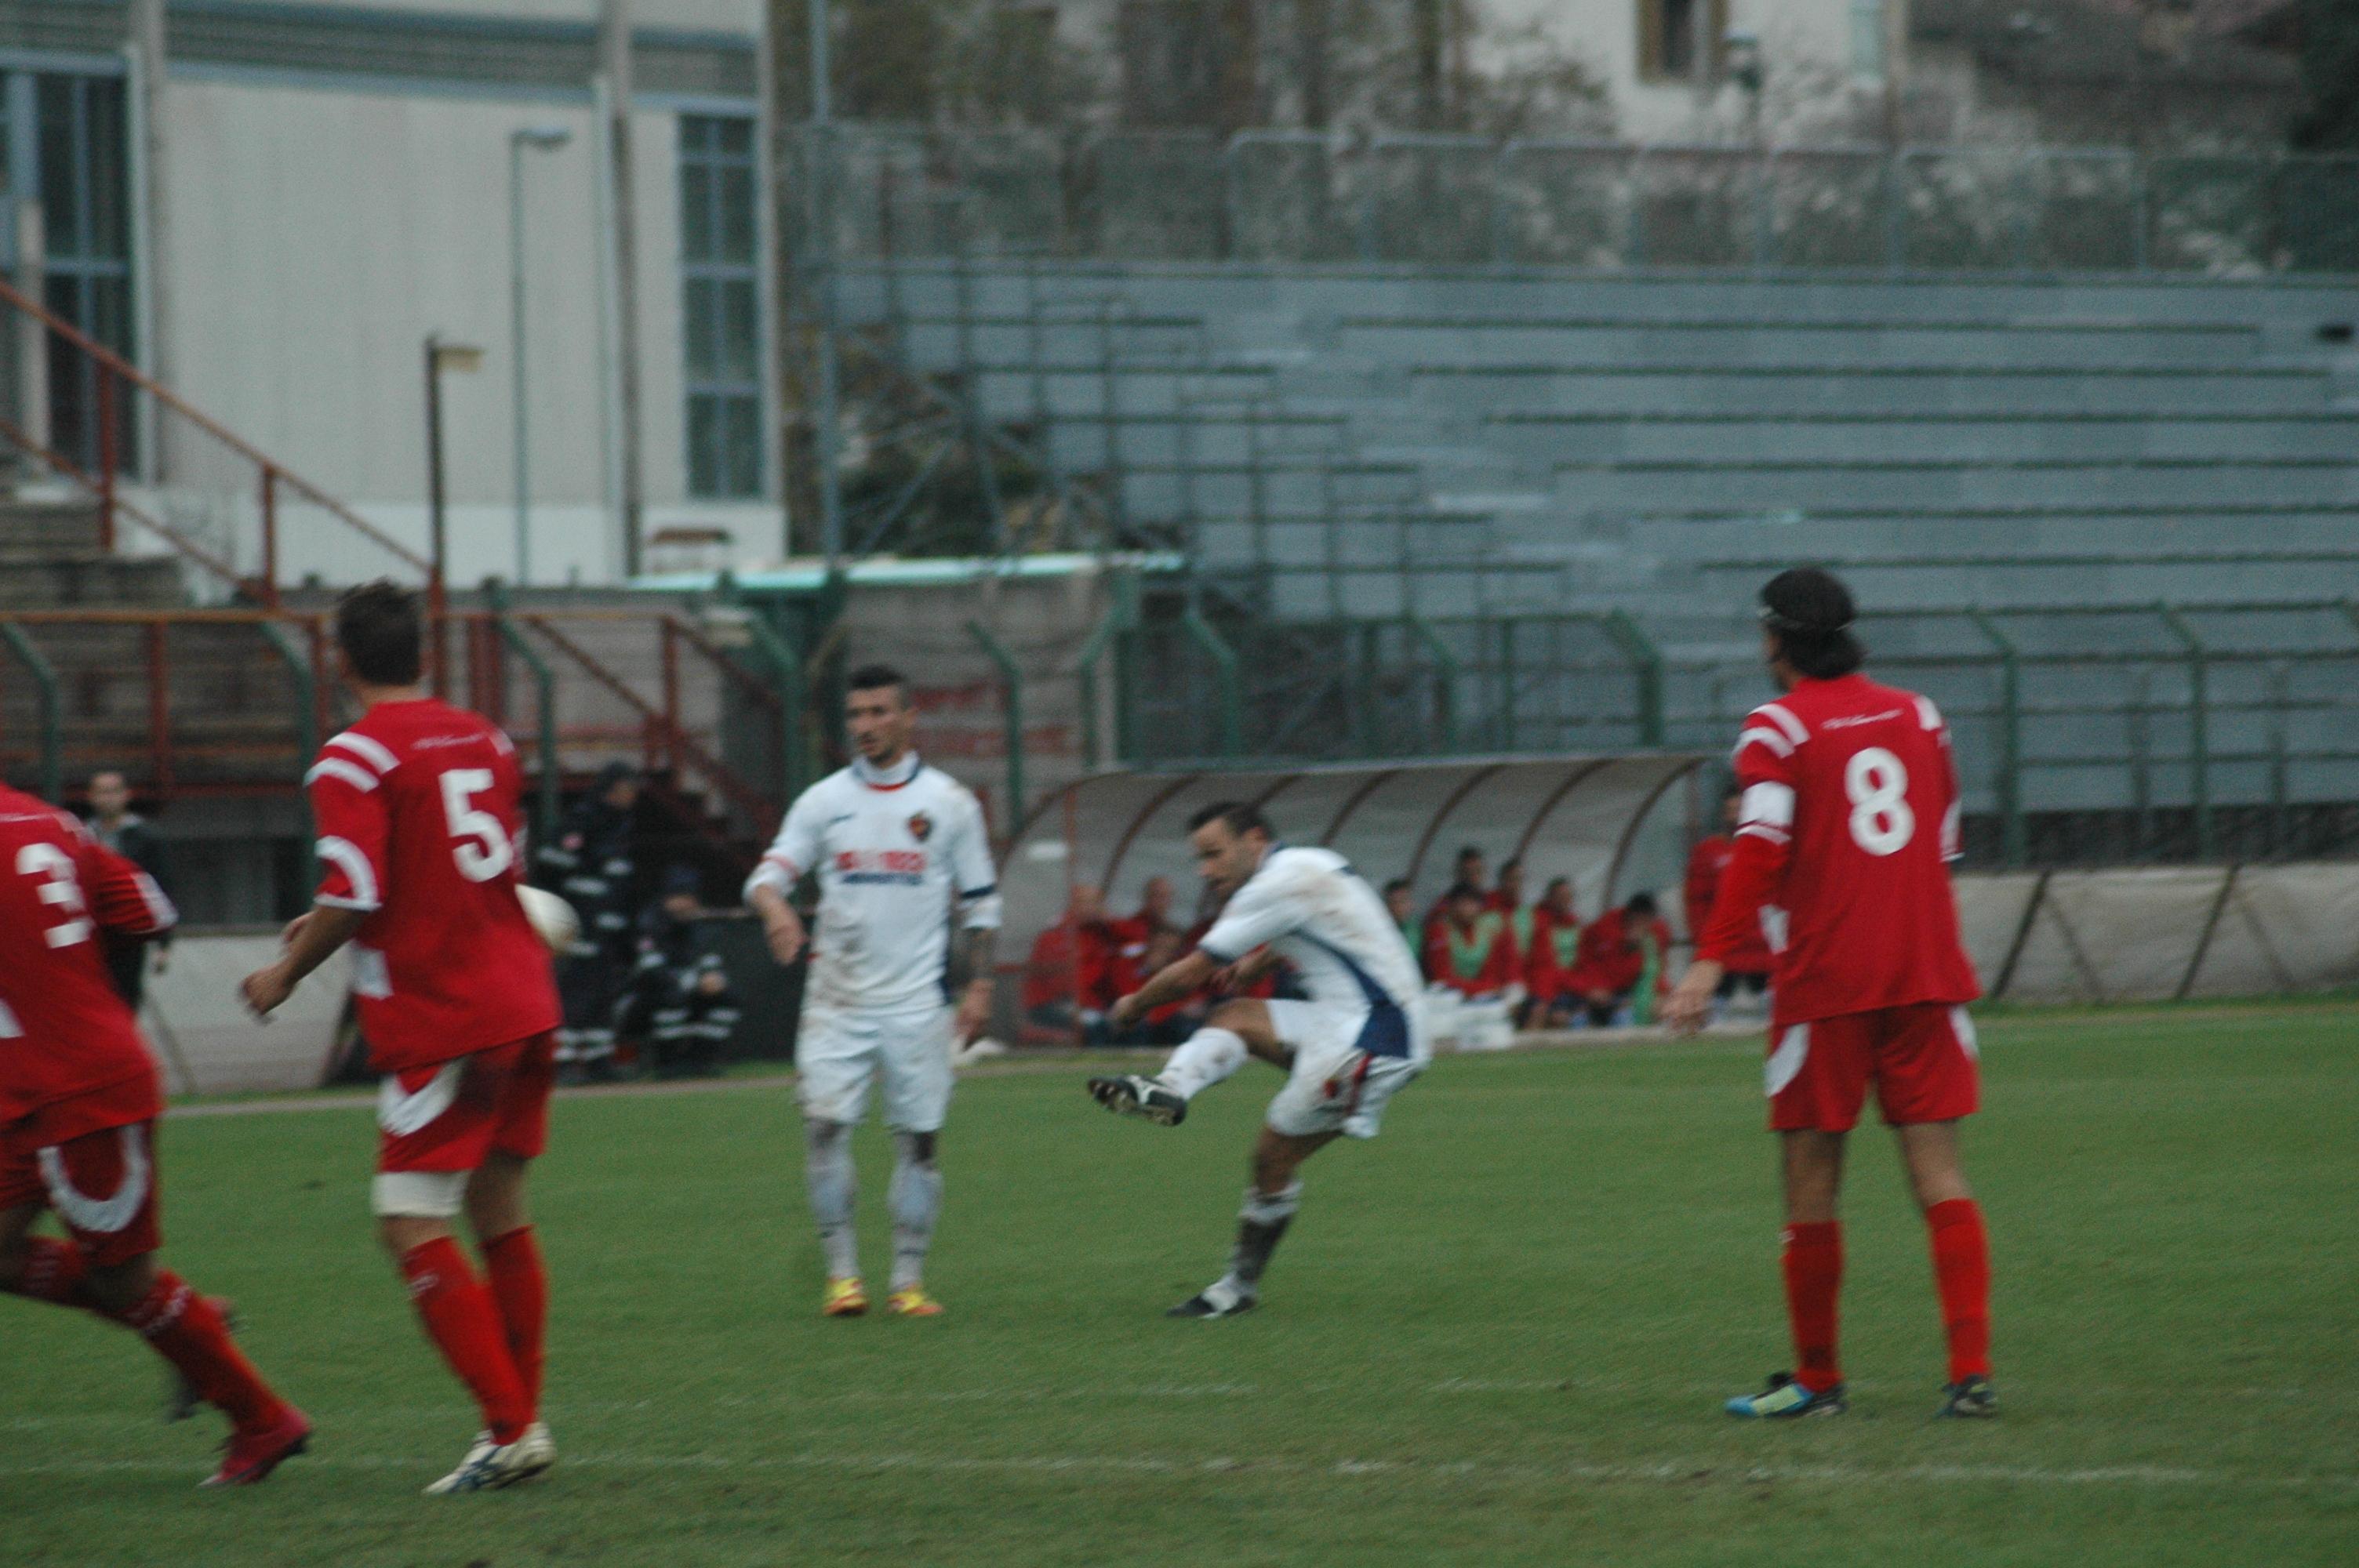 Samb-Ancona, punizione di Napolano nel finale (GIAMMUSSO)